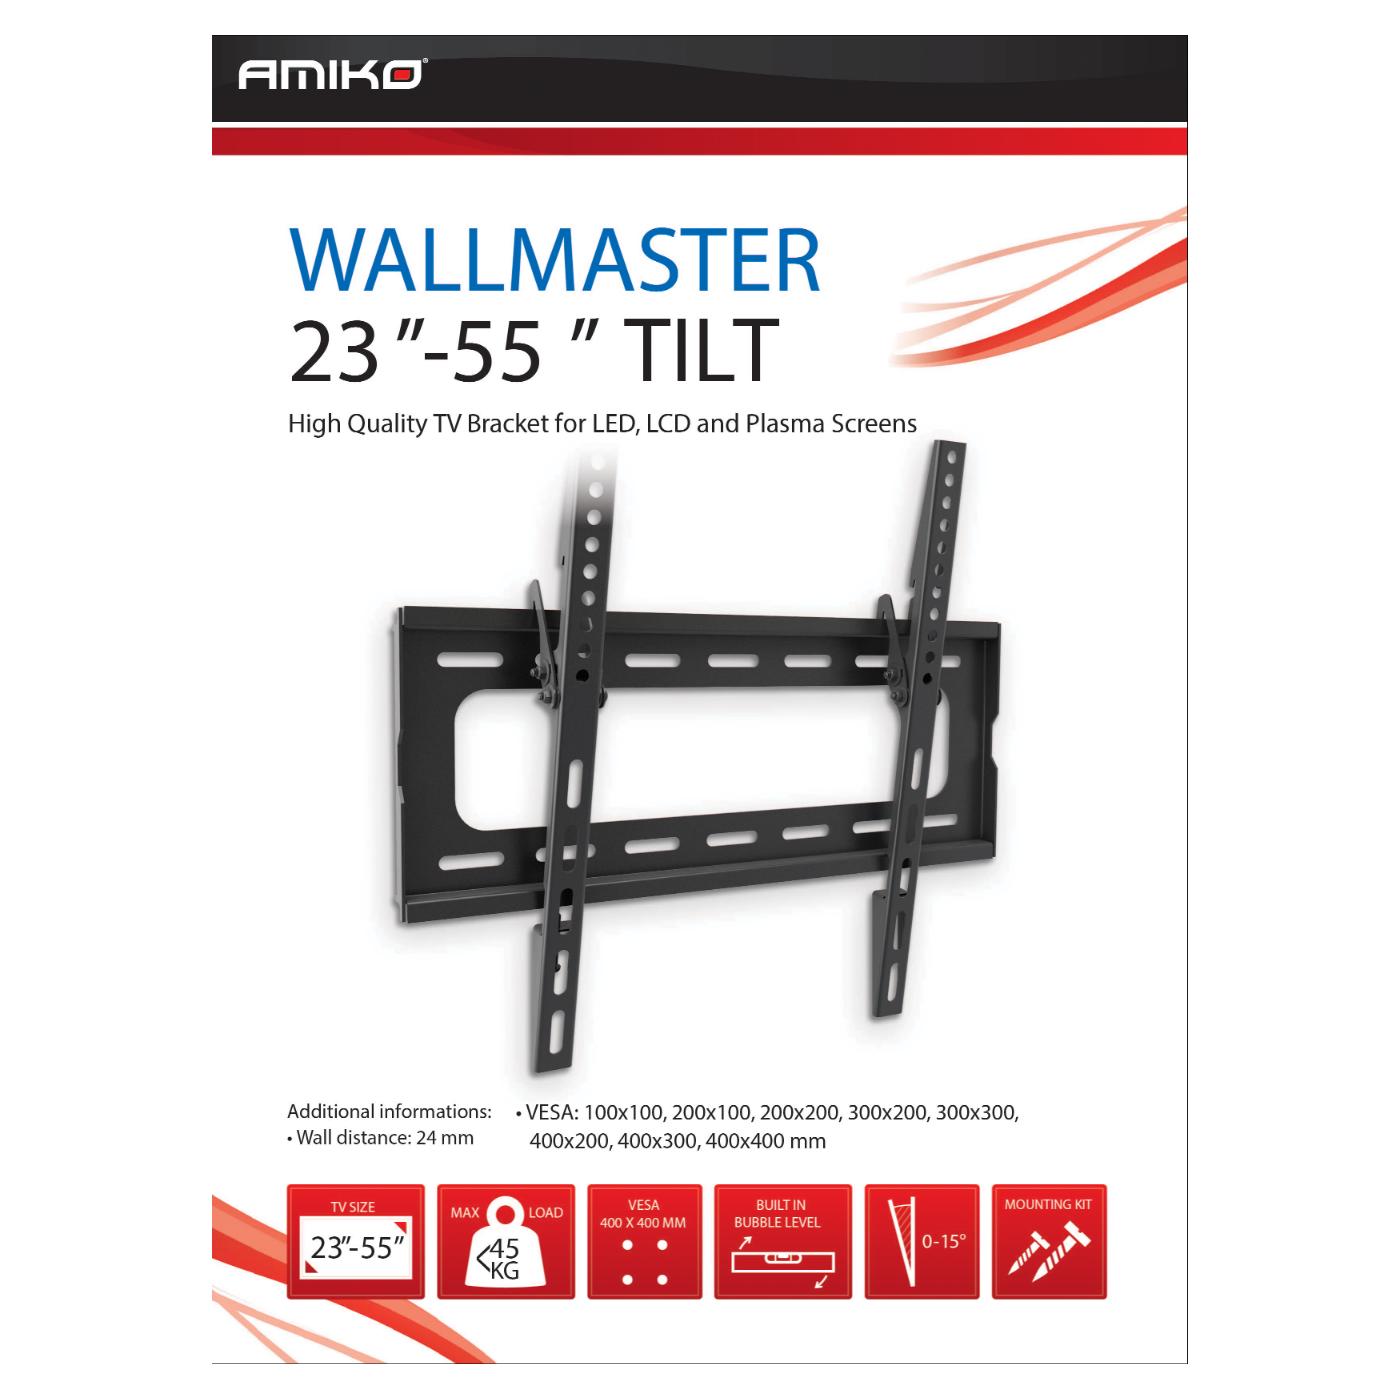 Wallmaster 23-55 Tilt